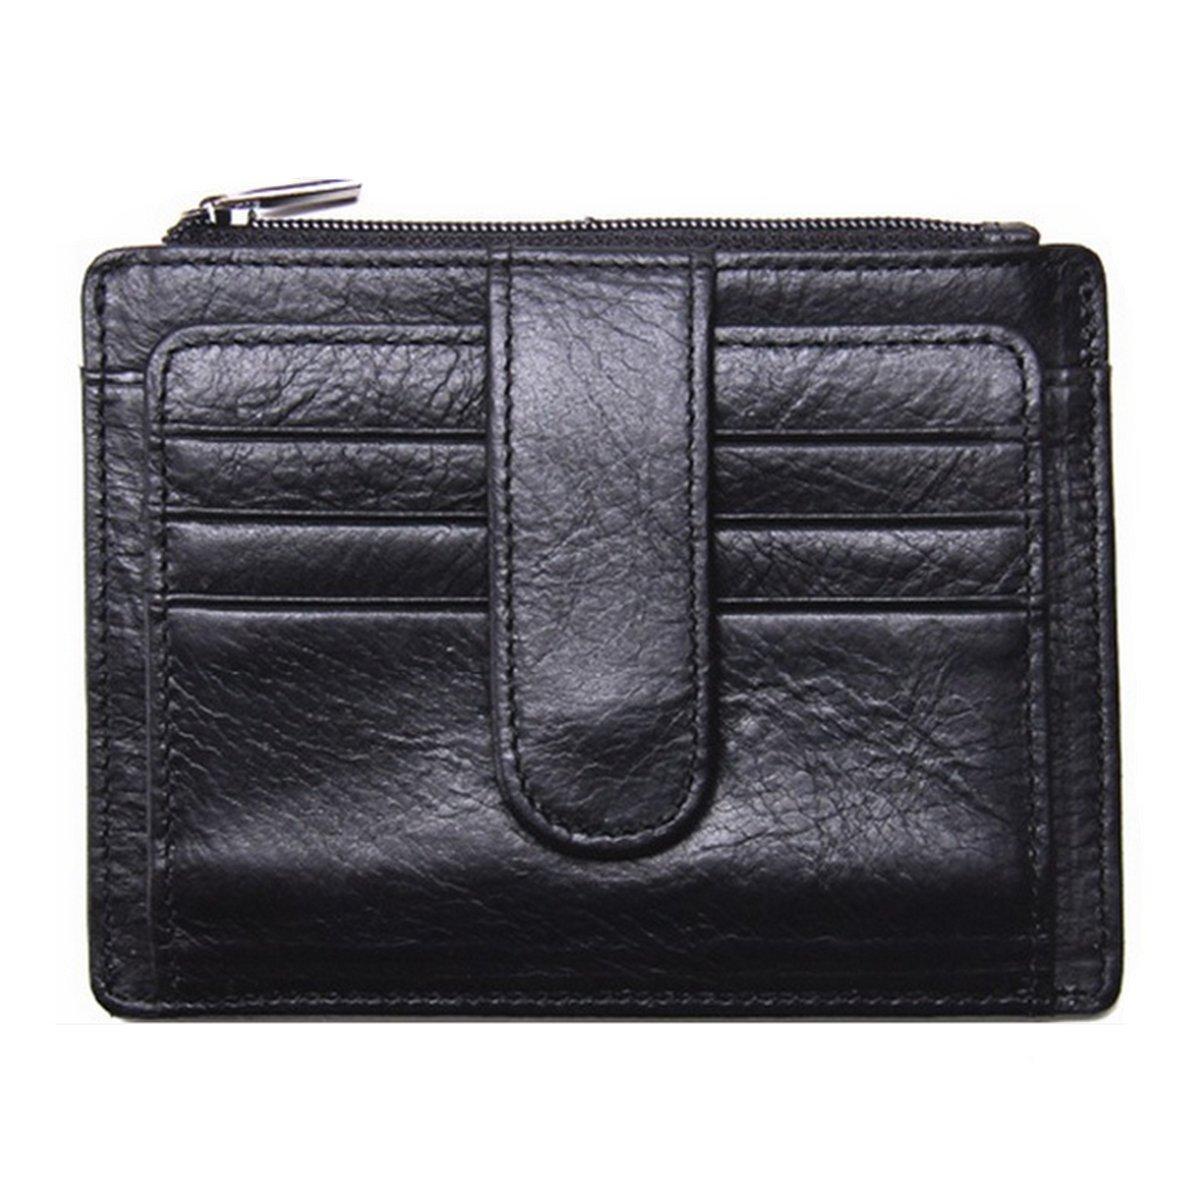 Men's Genuine Leather Front Pocket Wallet Slim Card Holder Case Coin Purse